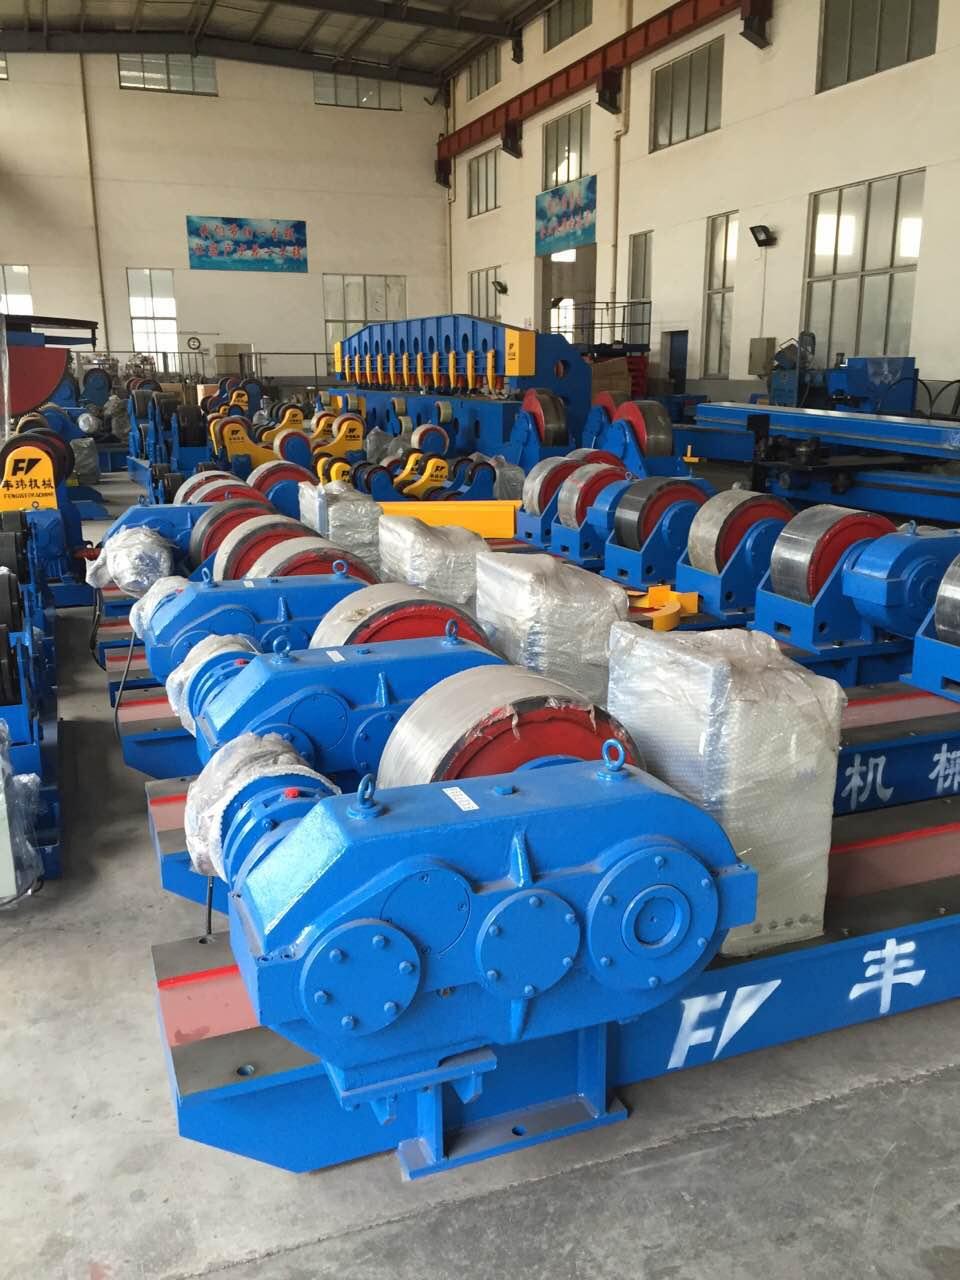 出租滚轮架 HGK-100吨焊接滚轮架 租赁价格